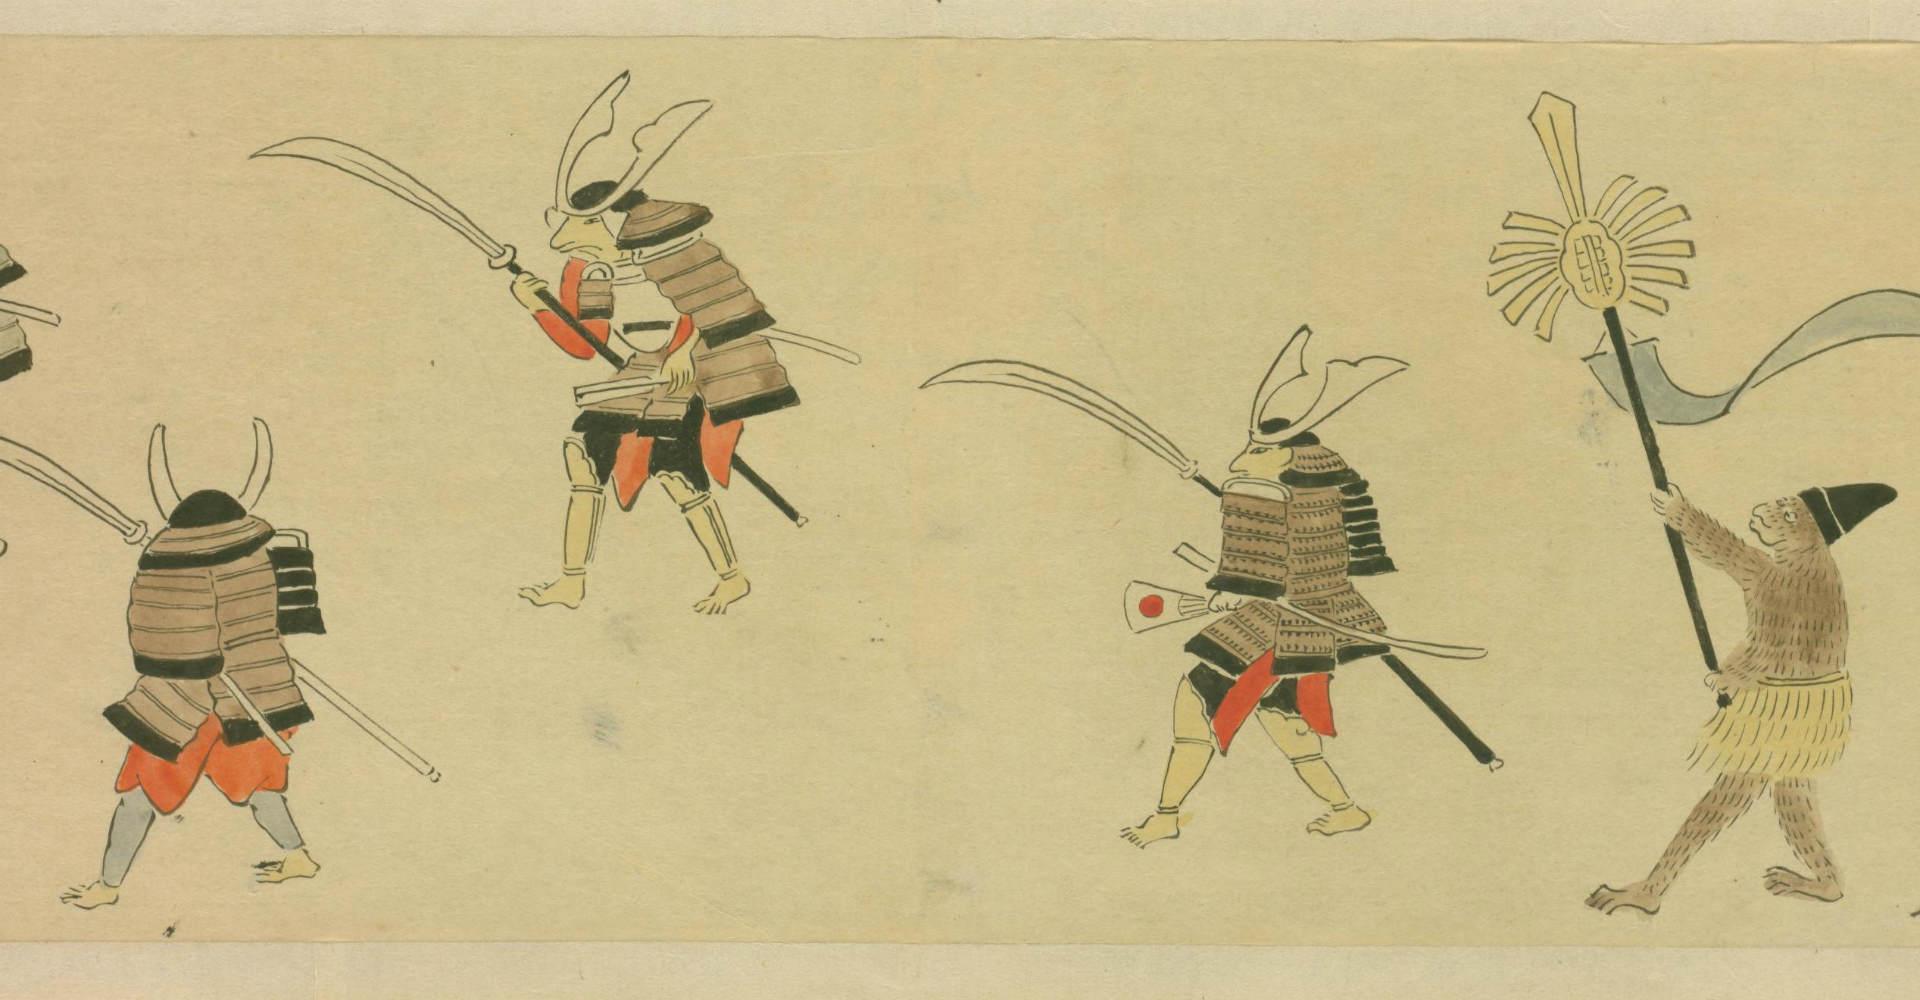 武士のような格好をした妖怪の手には日の丸の扇子